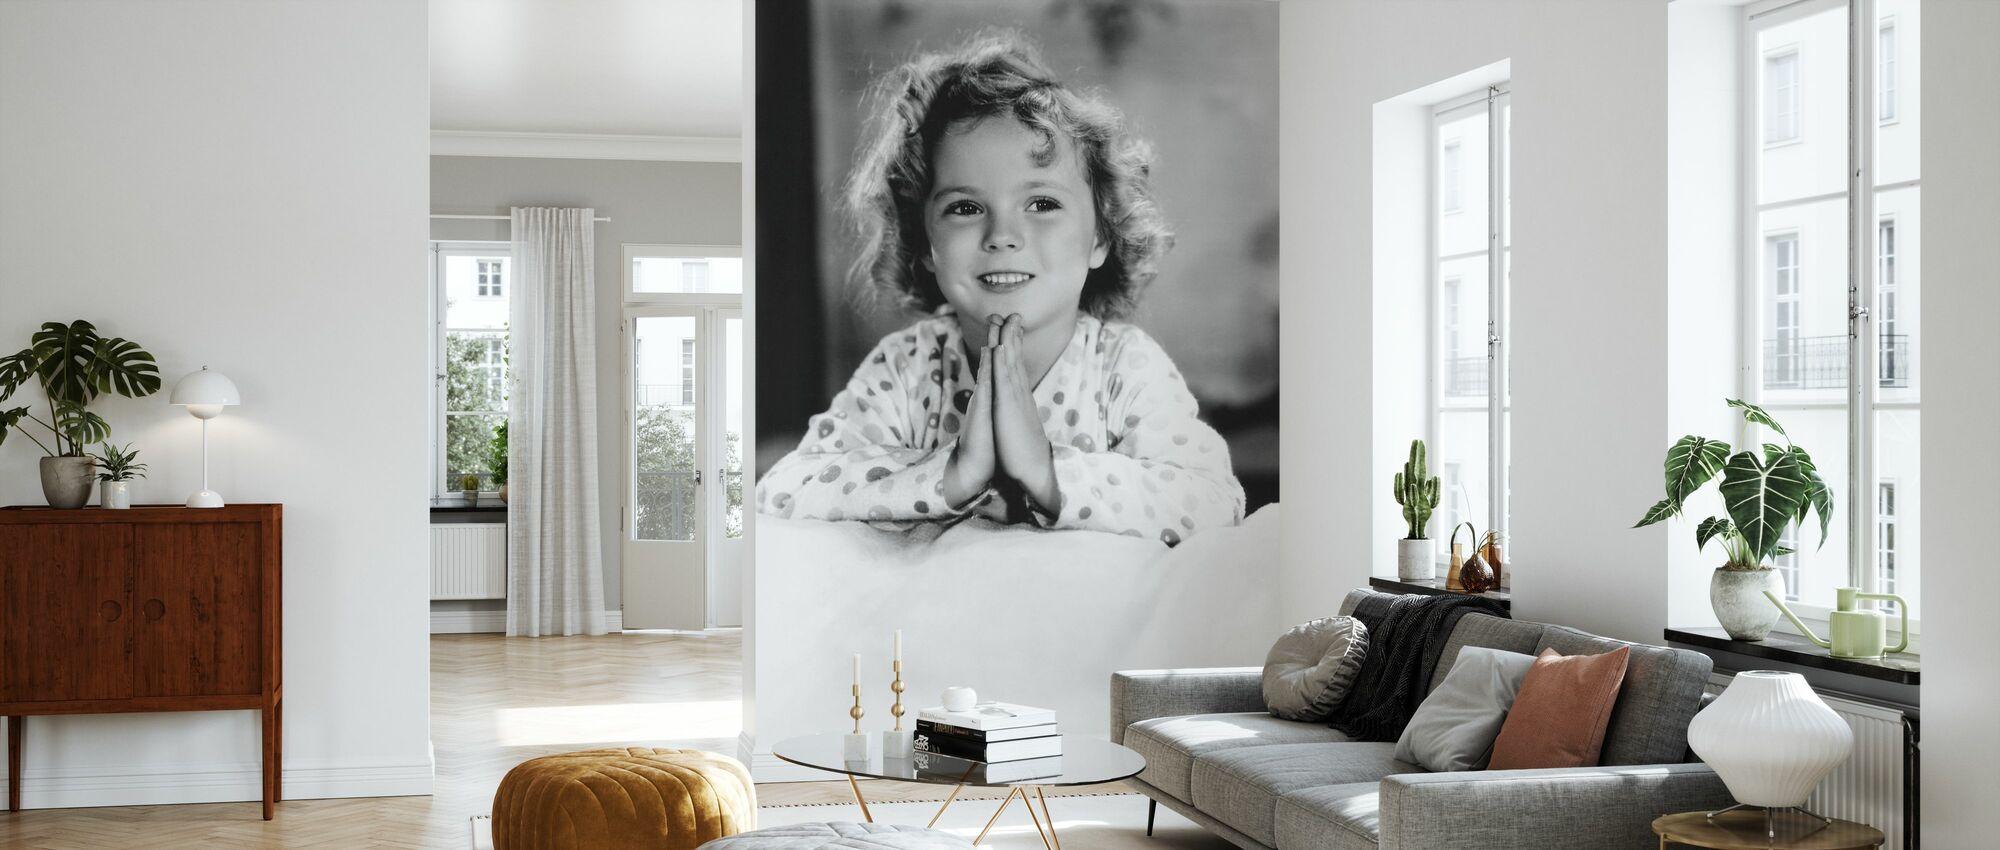 Little Miss Marker - Wallpaper - Living Room